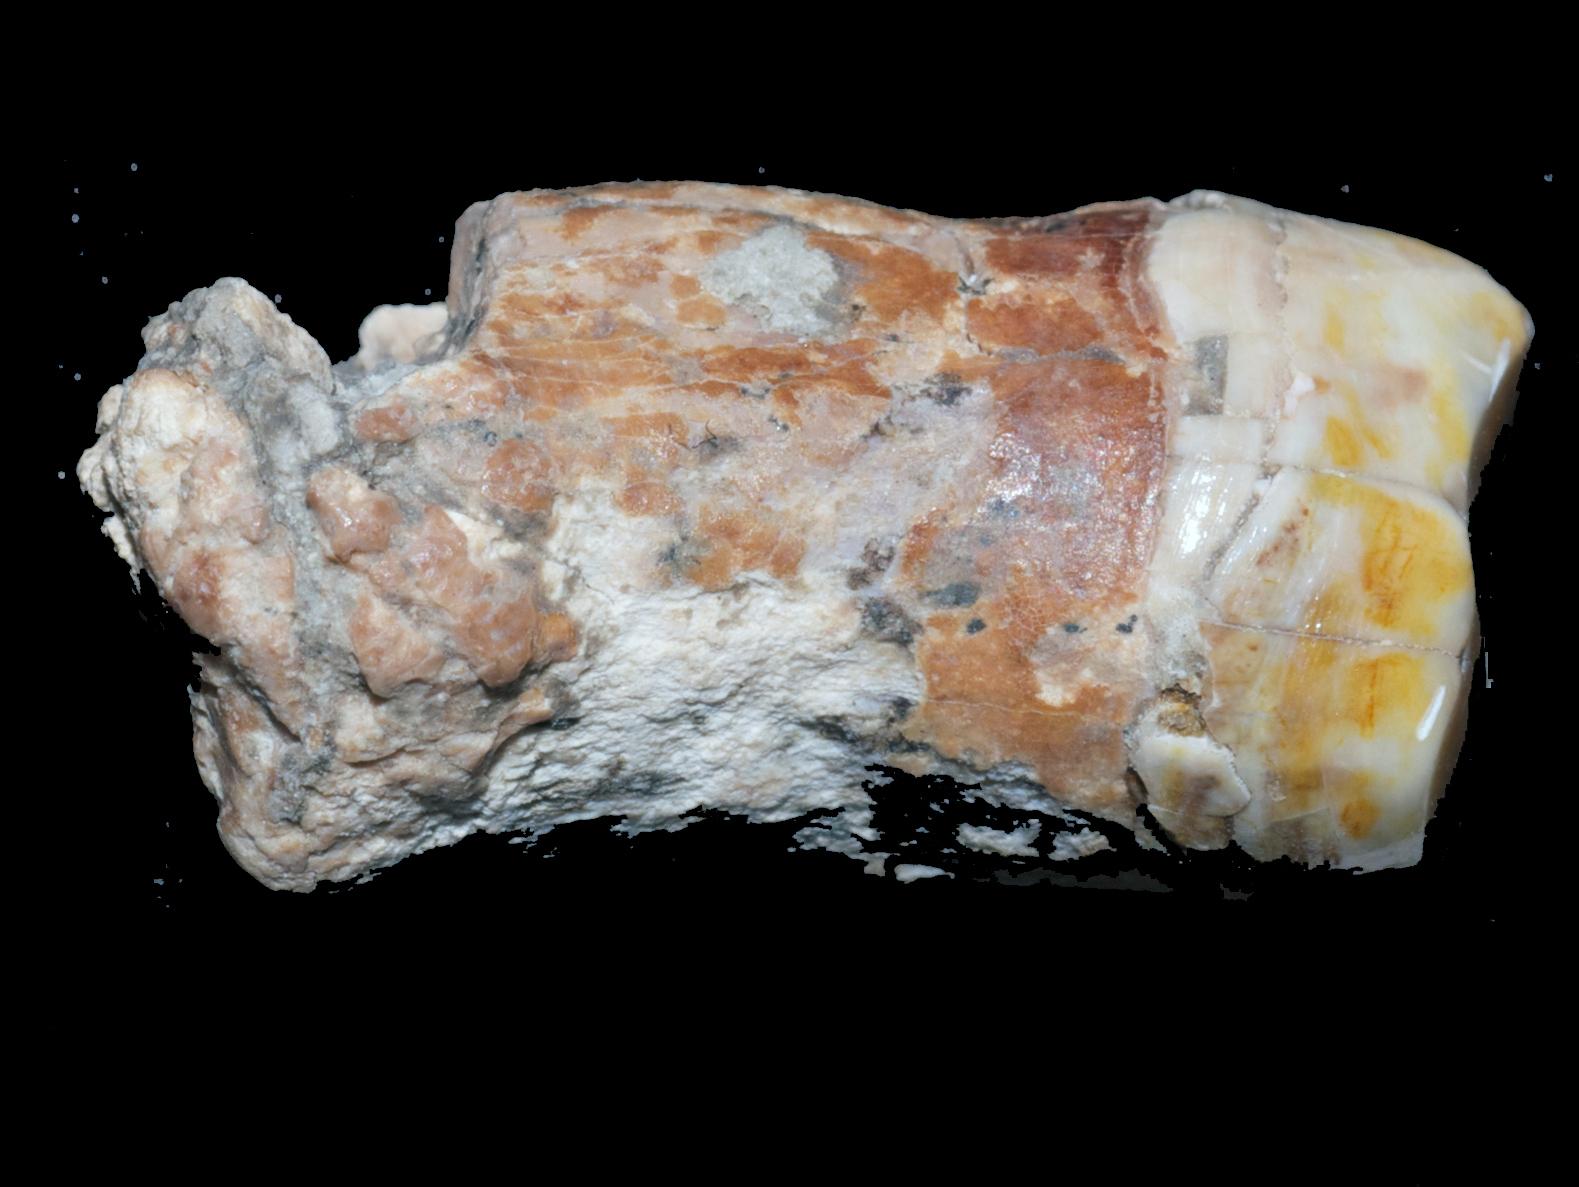 שן שהתגלתה בעין קשיש. על פי הפרהיסטוריונים, מדובר בשן של אדם נאנדרנטלי